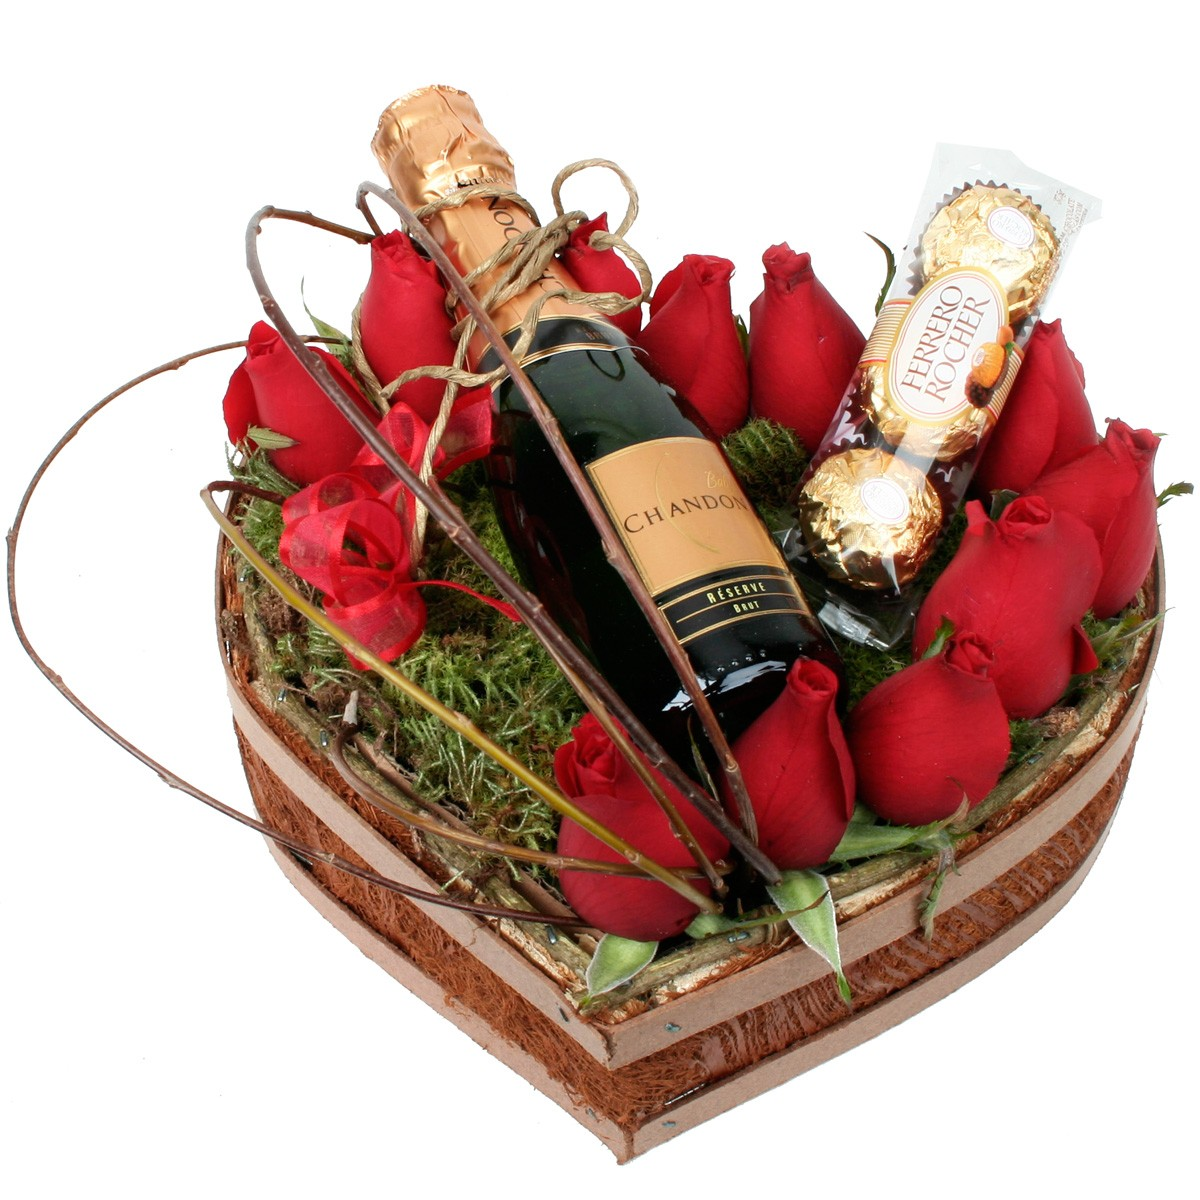 Arranjo Passion Rosas, vinho espumante e bombons